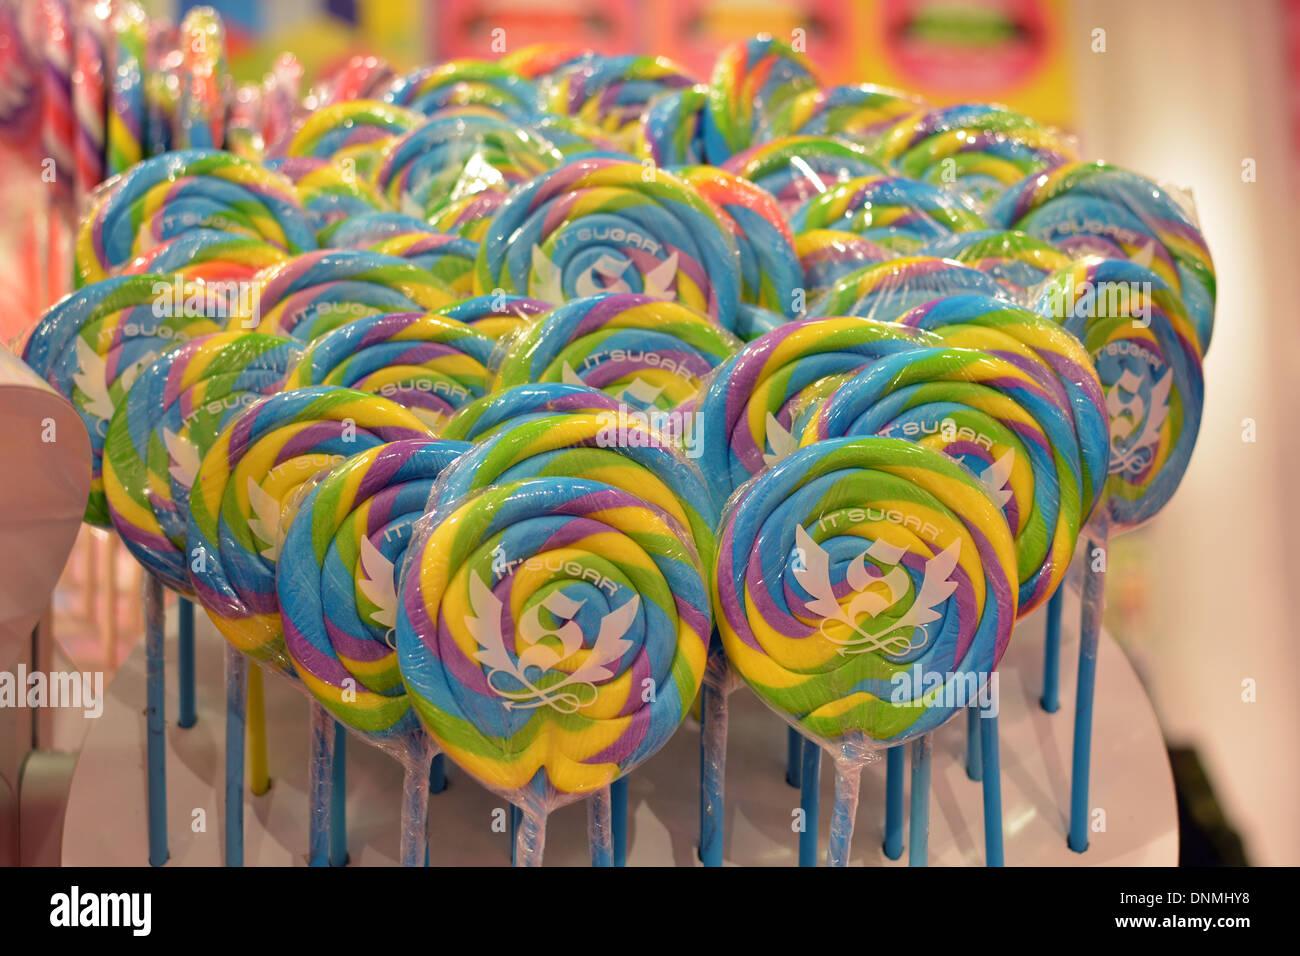 Interno della IT'SZUCCHERO negozio di caramelle su Broadway in Greenwich Village. Un display di grandi lecca lecca in vendita. Immagini Stock